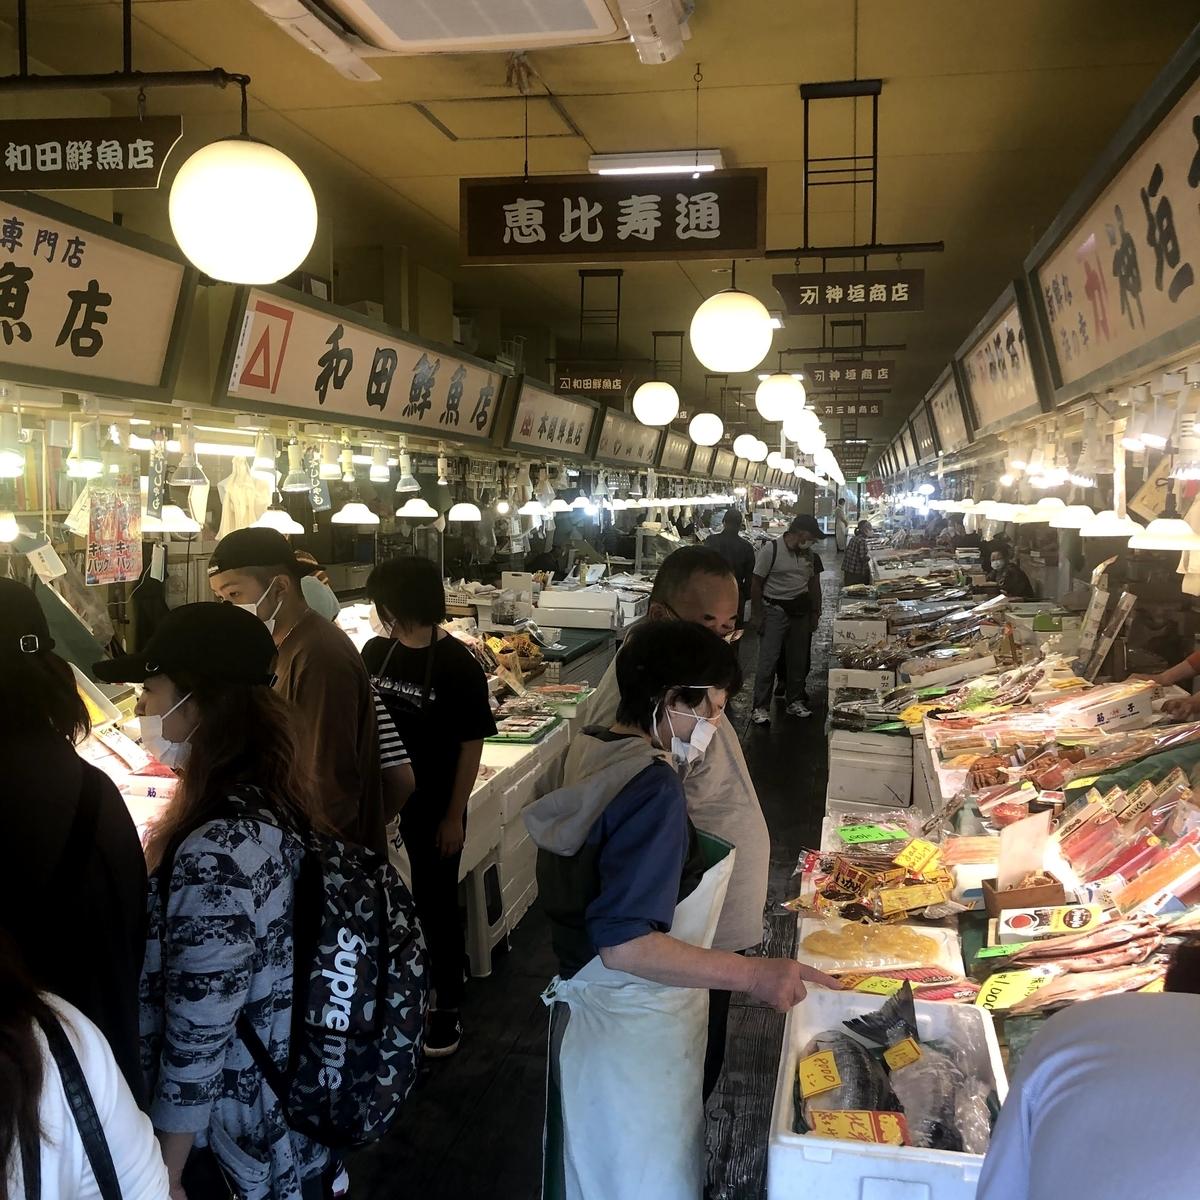 函館自由市場内部